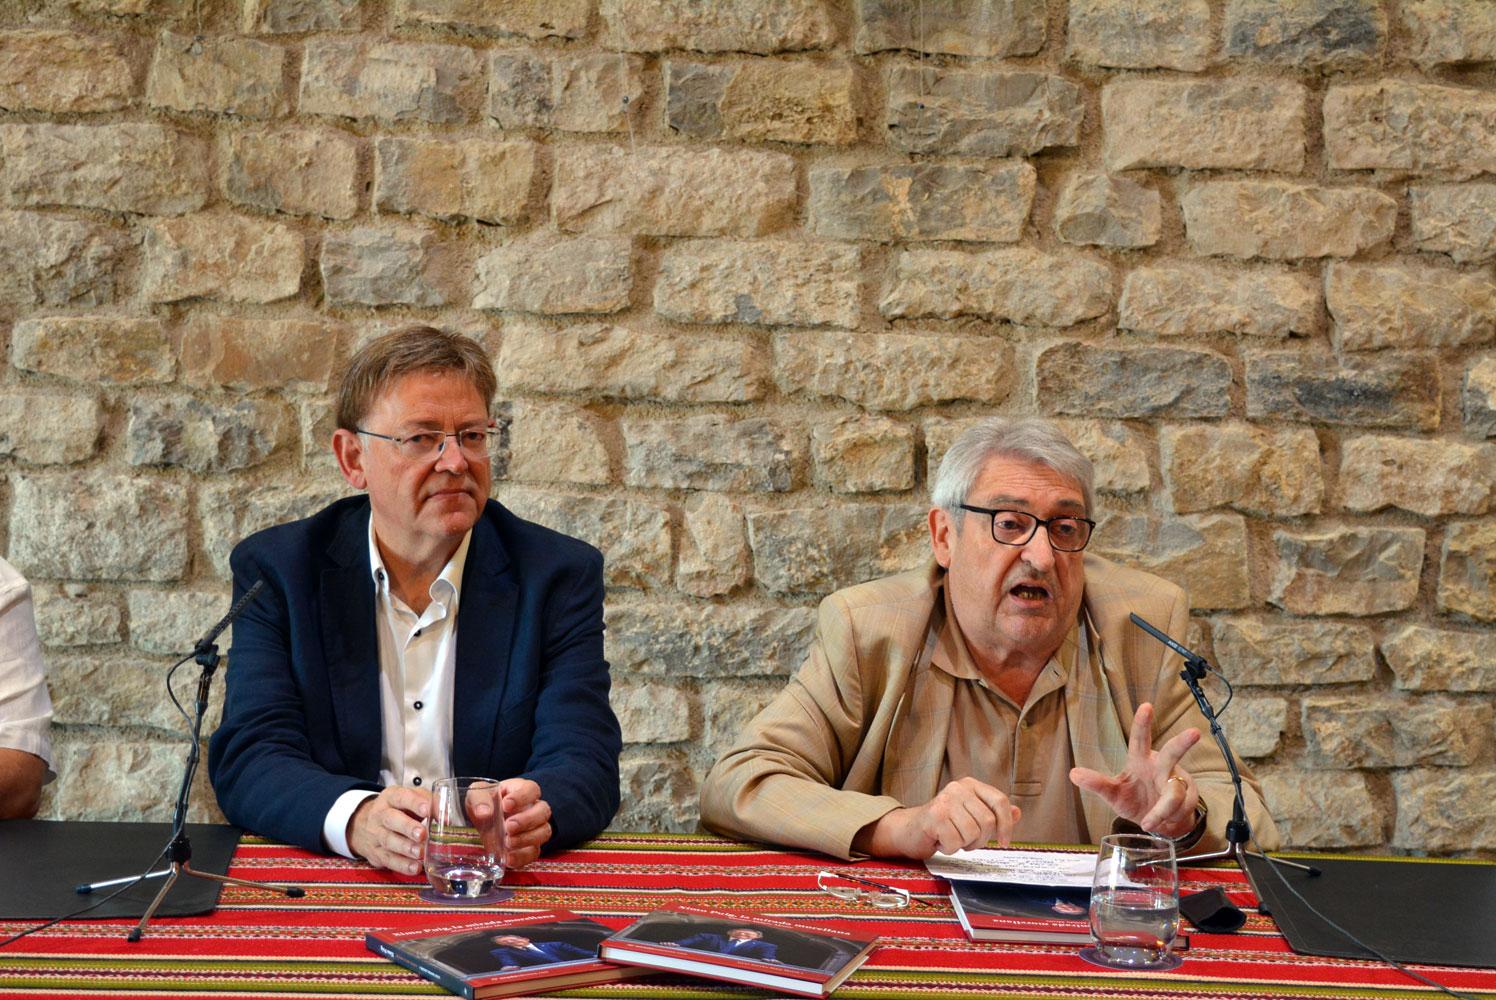 El President de la Generalitat Valenciana, Ximo Puig, i el periodista, Manuel Milián